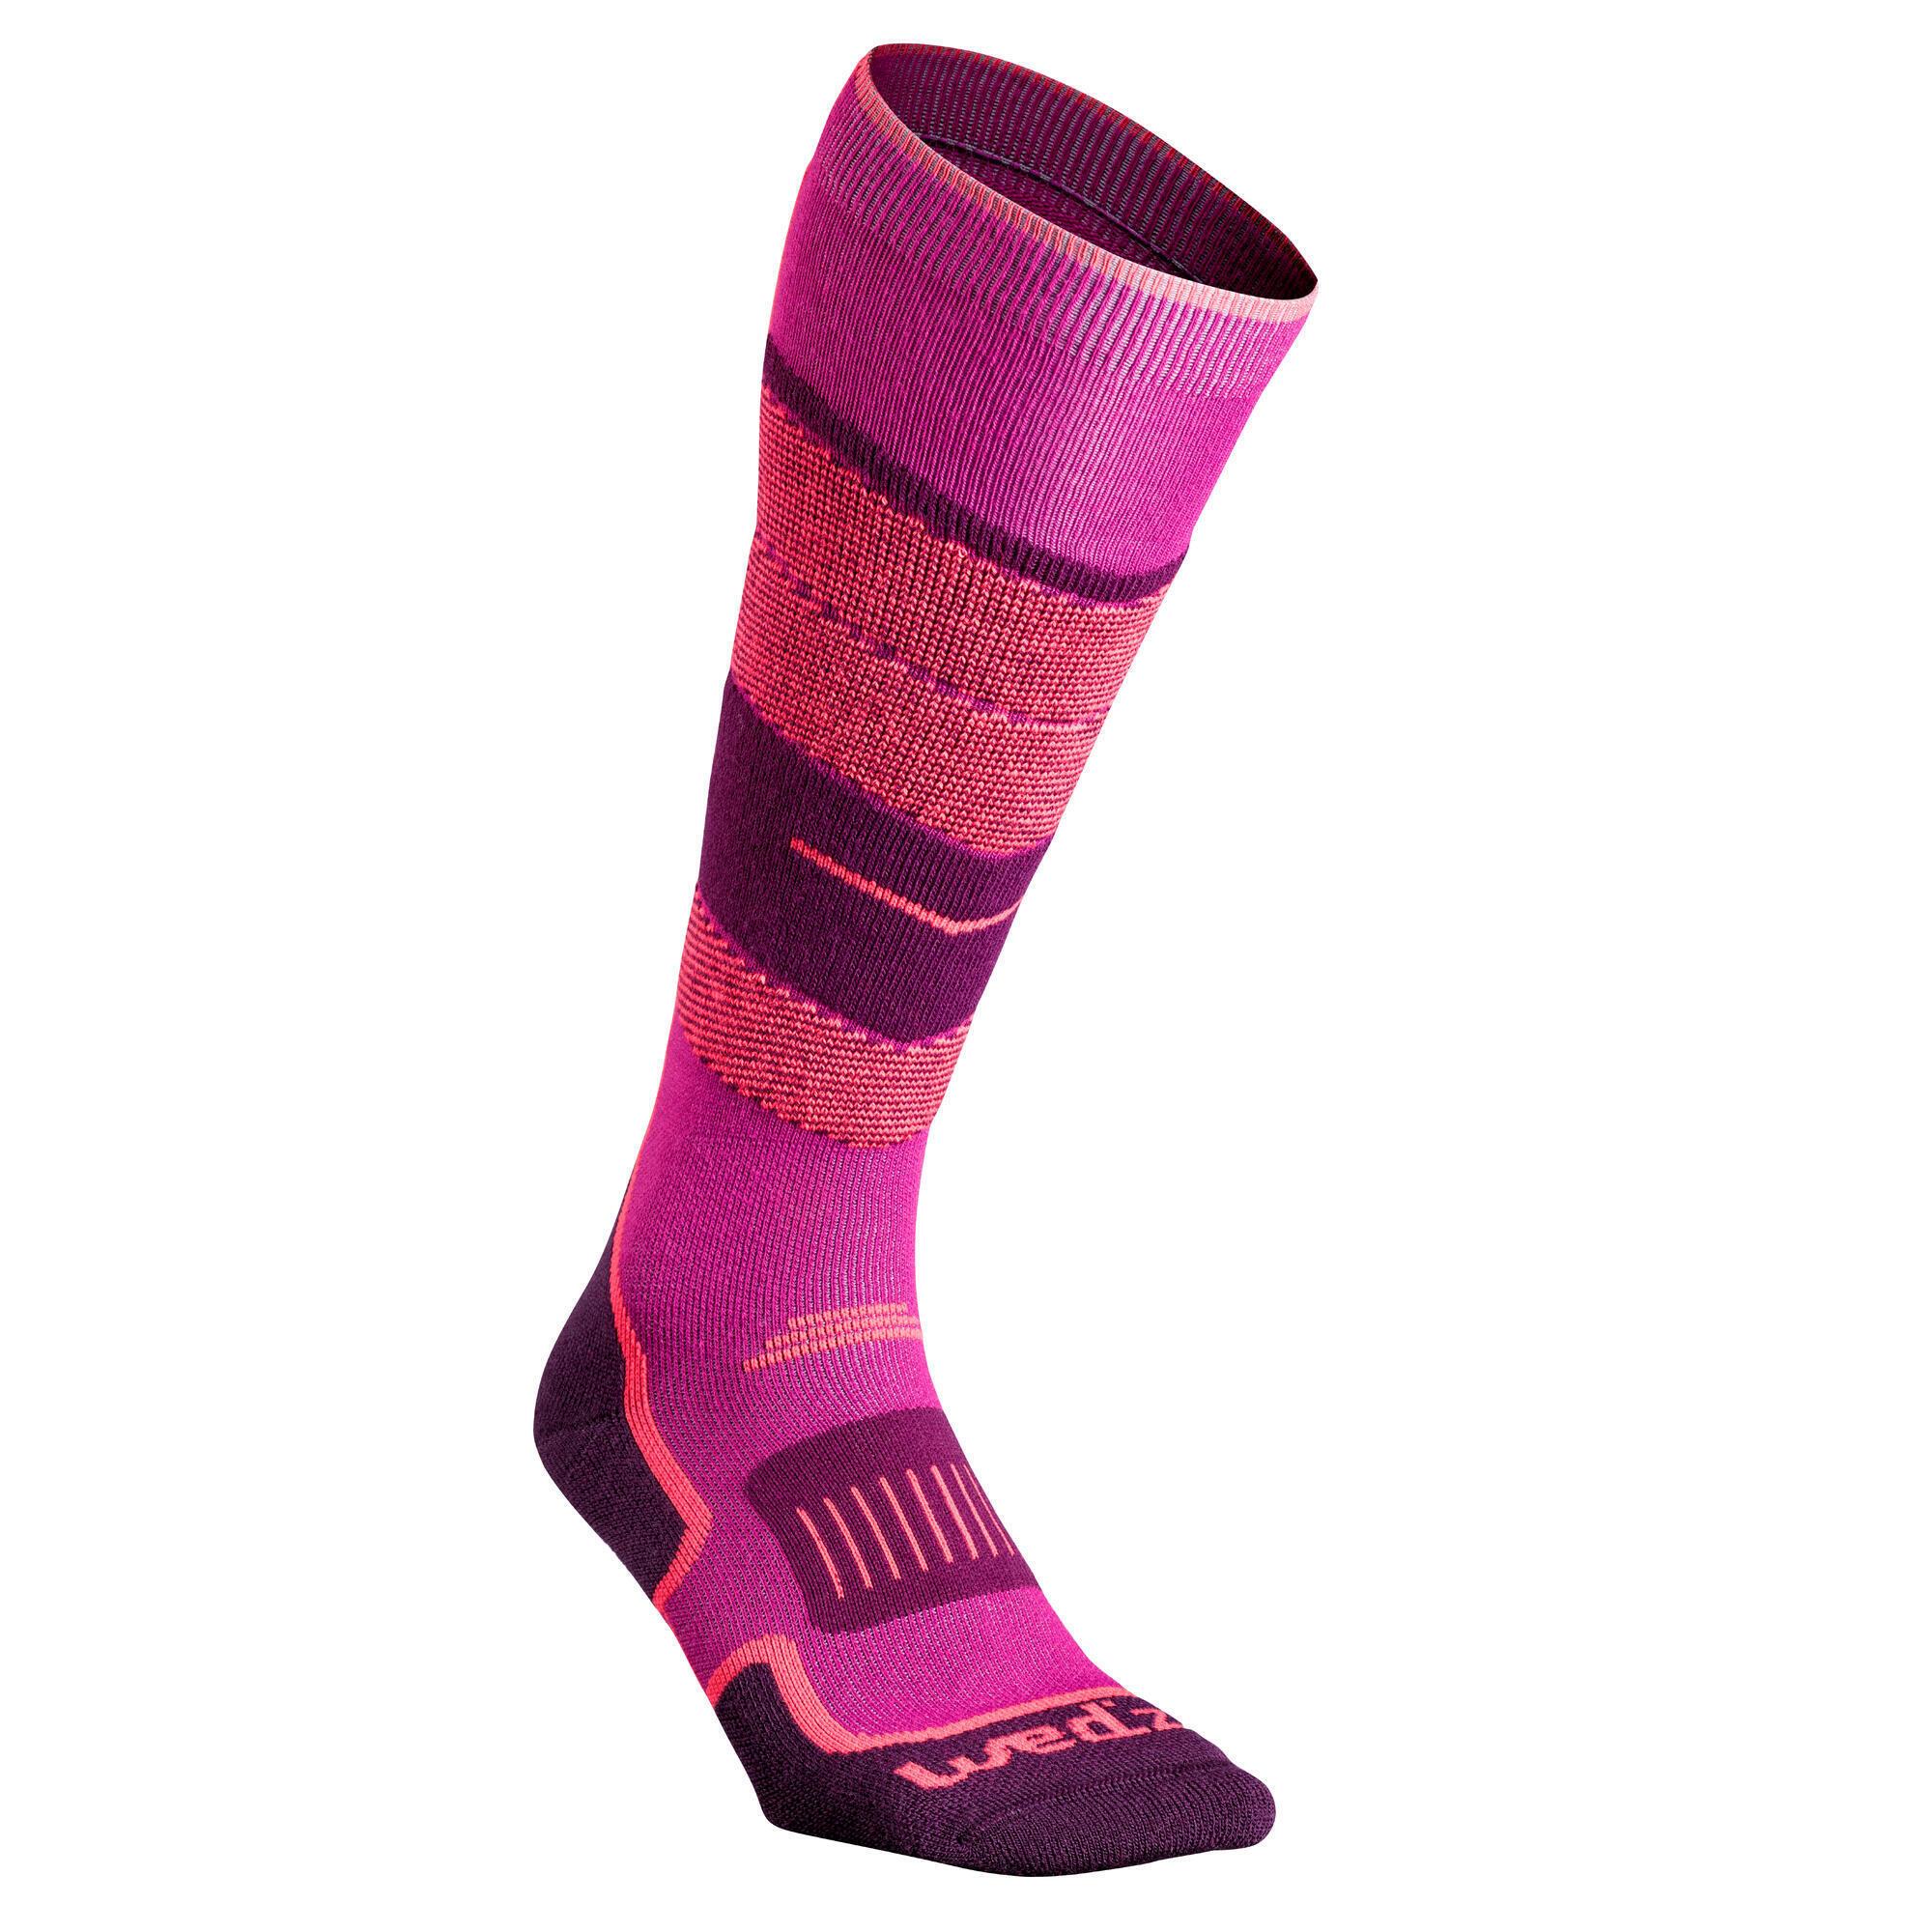 Skisocken 300 Damen rosa